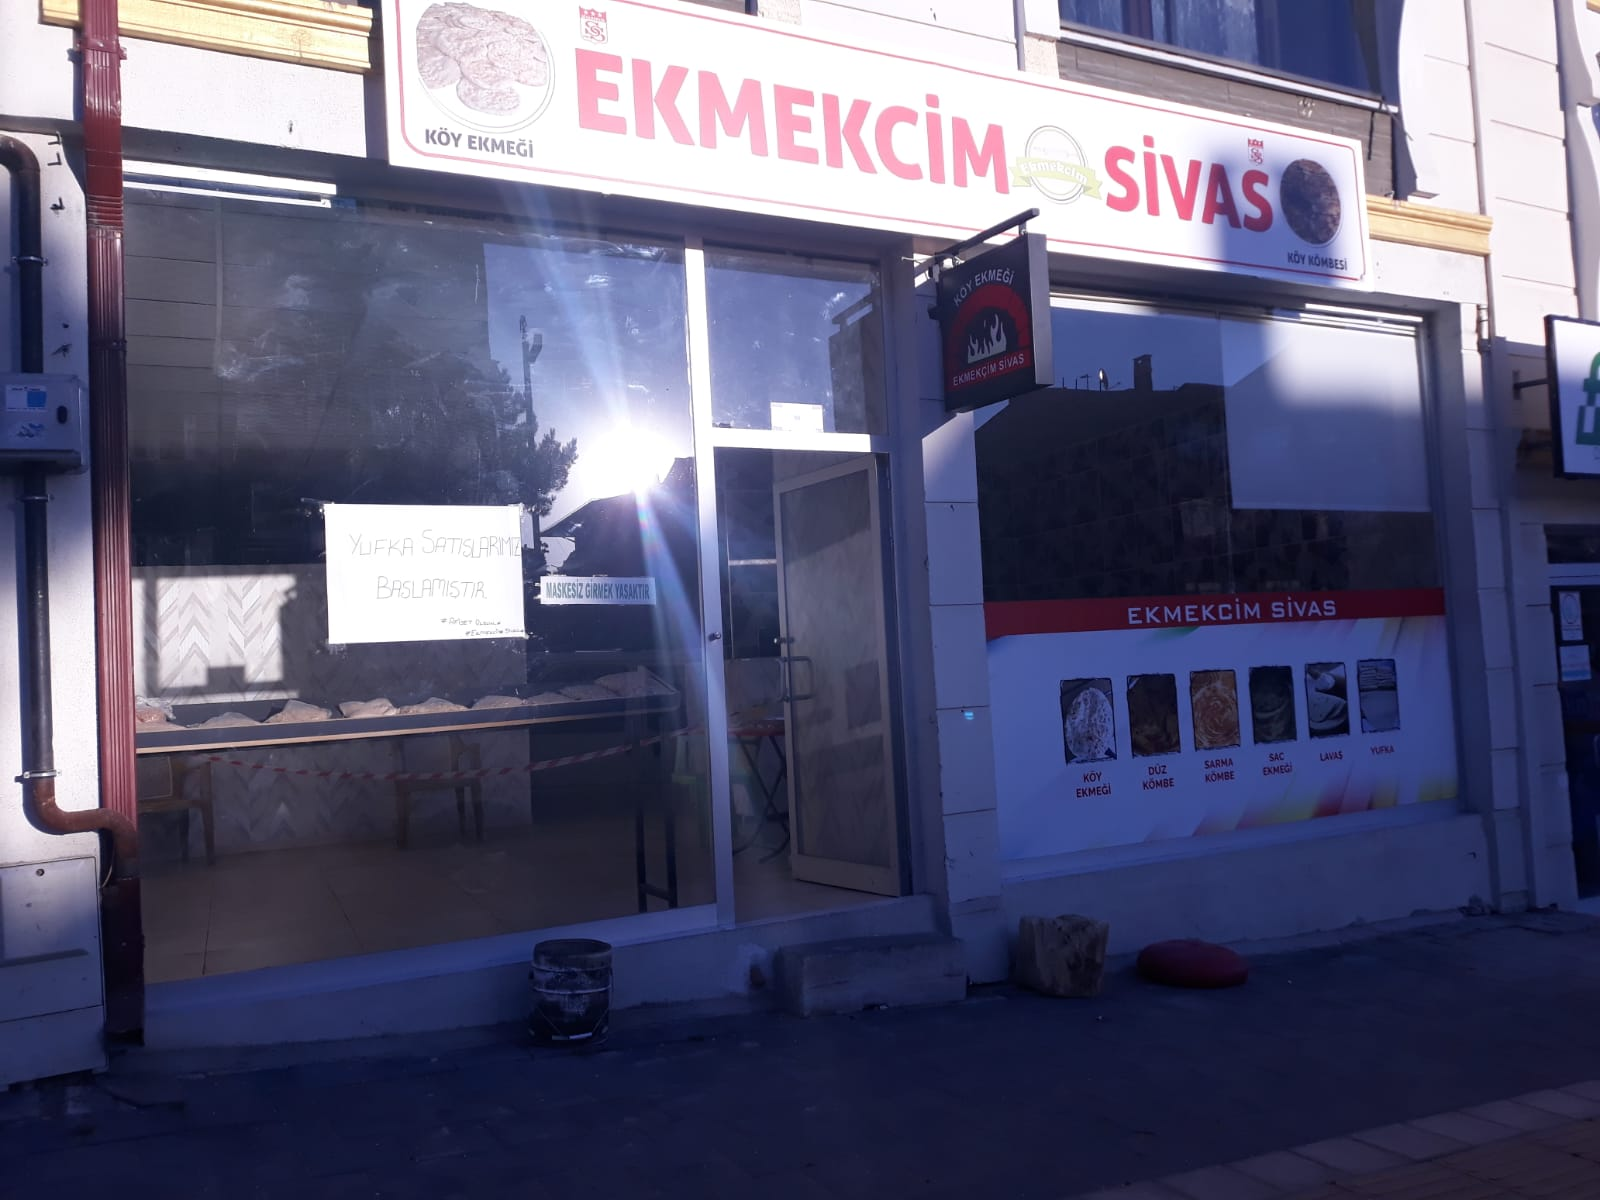 Ekmekcim Sivas Köy Ekmeği Kömbe Saç Katmeri